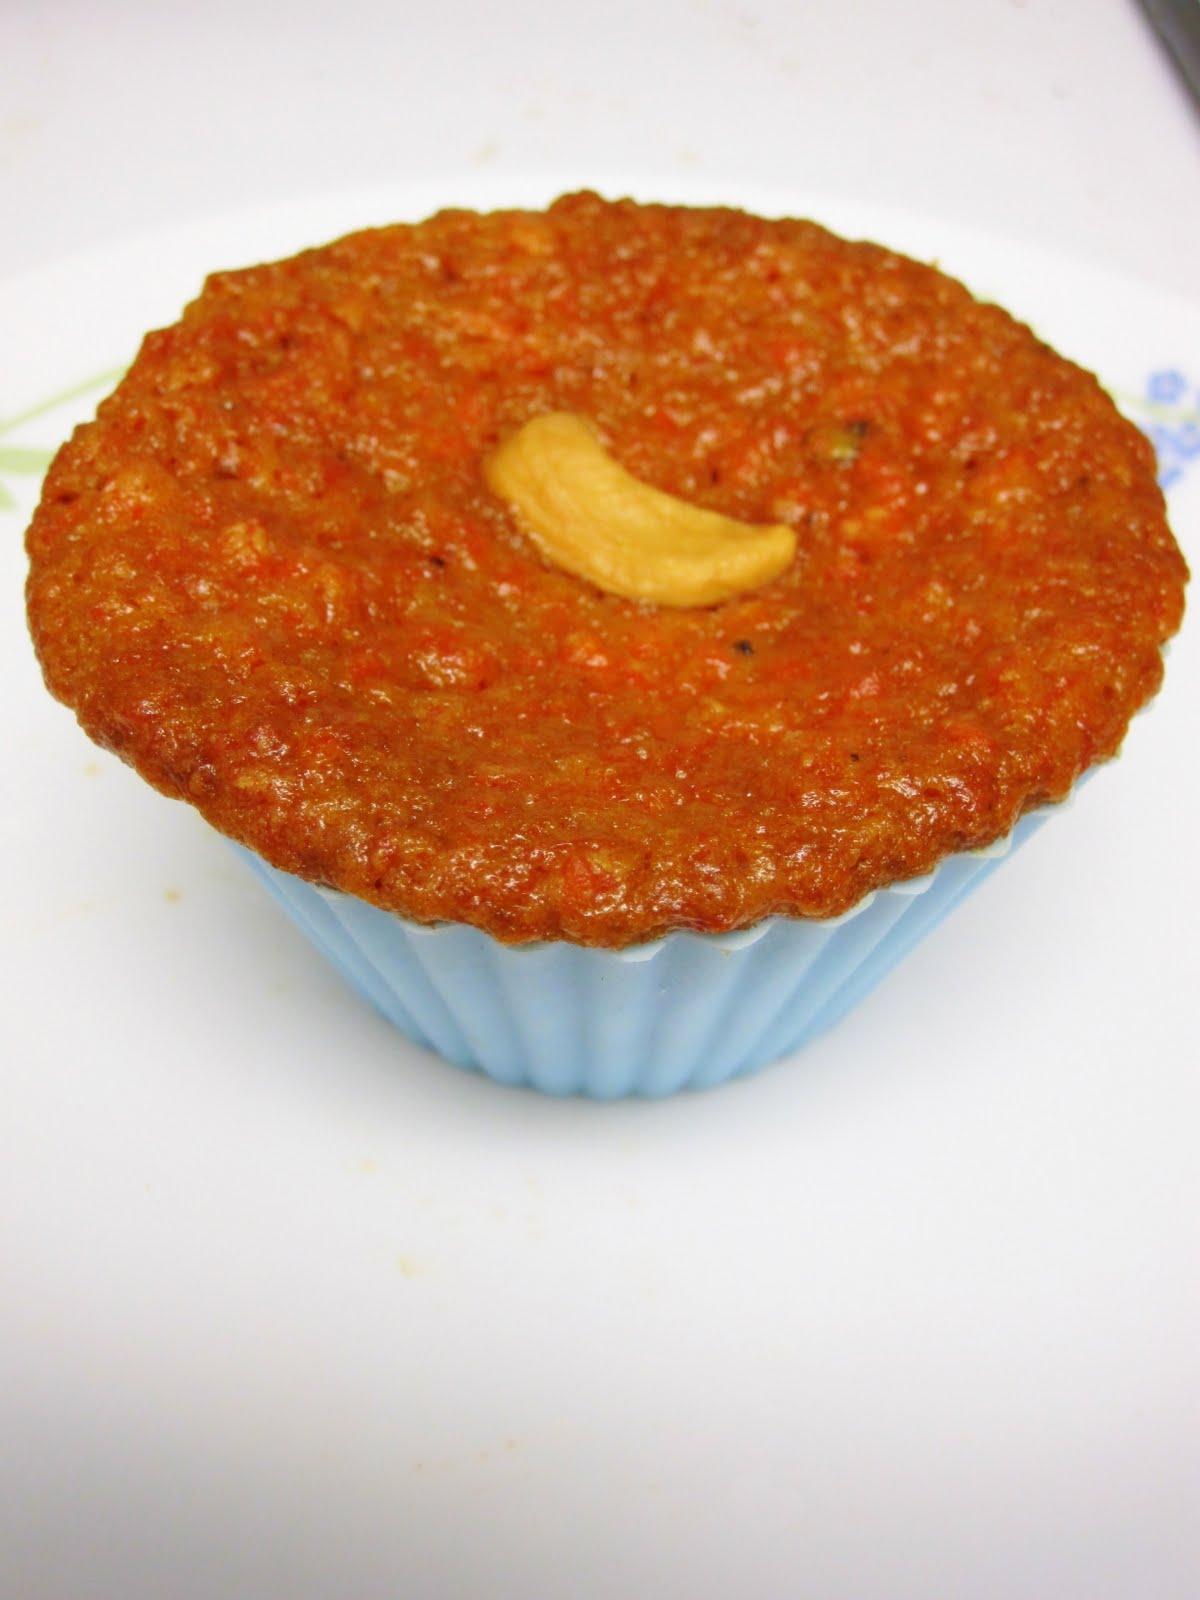 Simple Vegan Carrot Cake Recipe